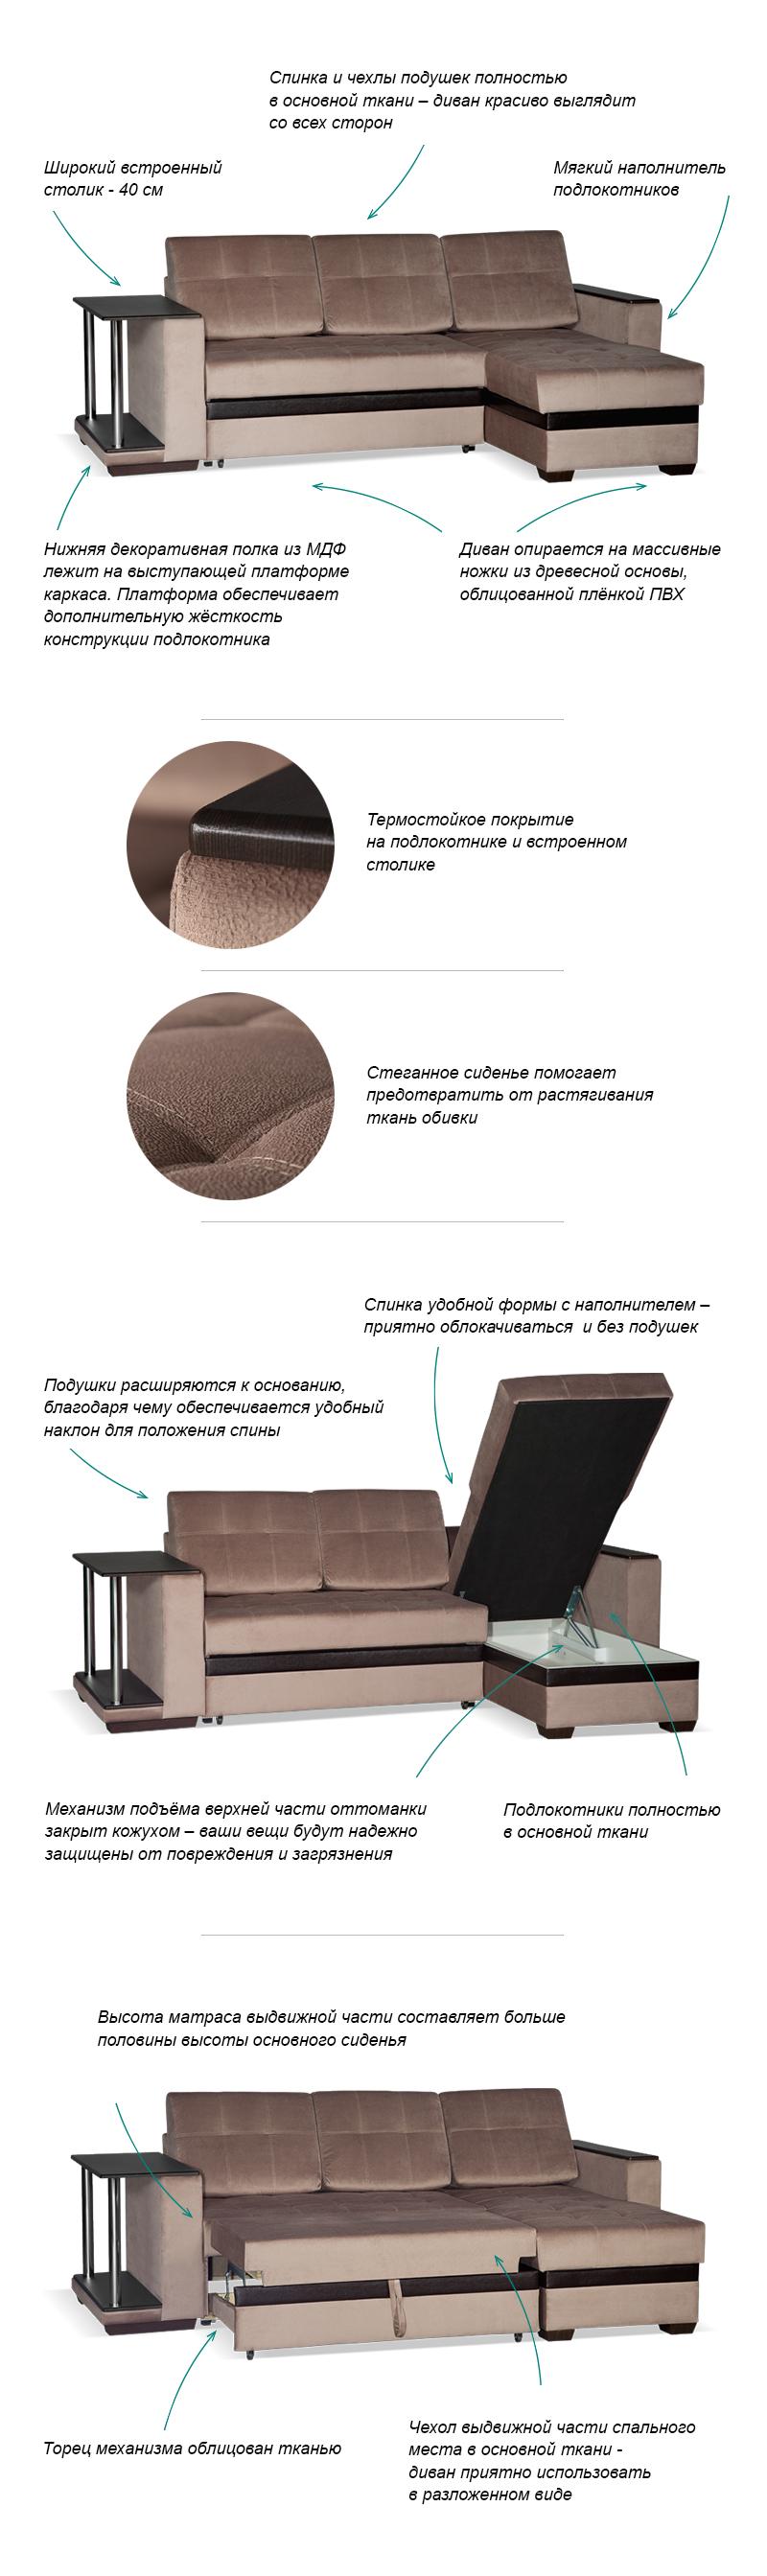 Магазин цвет диванов каталог цены Москва